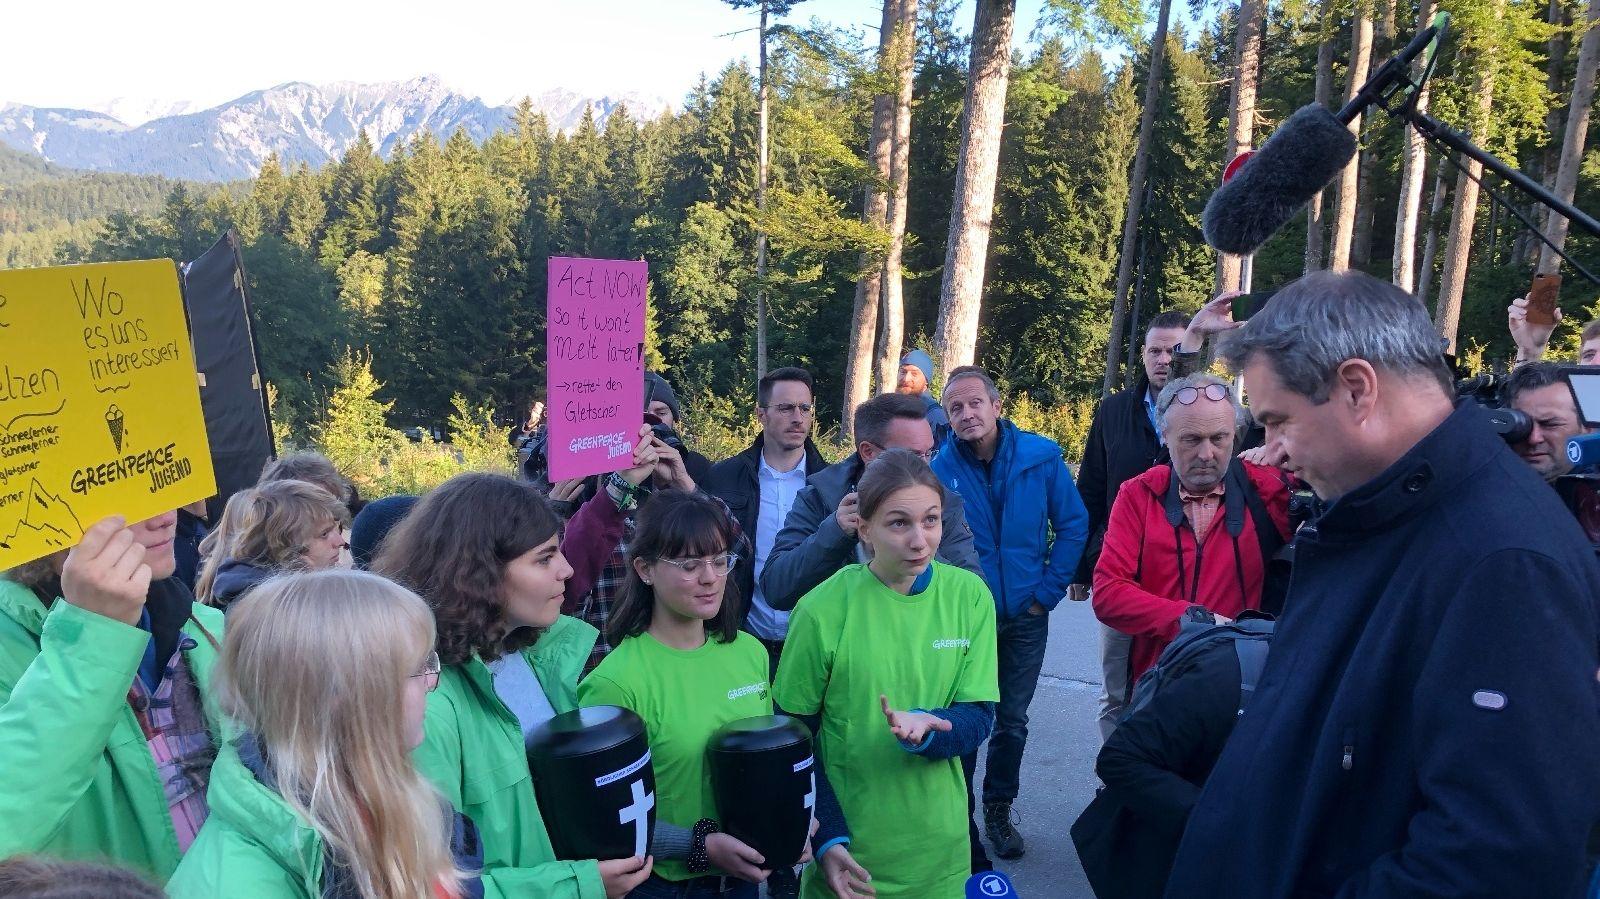 Ministerpräsident Söder (CSU, r.) im Gespräch mit Greenpeace-Vertreterinnen, die Urnen mit geschmolzenem Gletscherwasser in den Händen halten